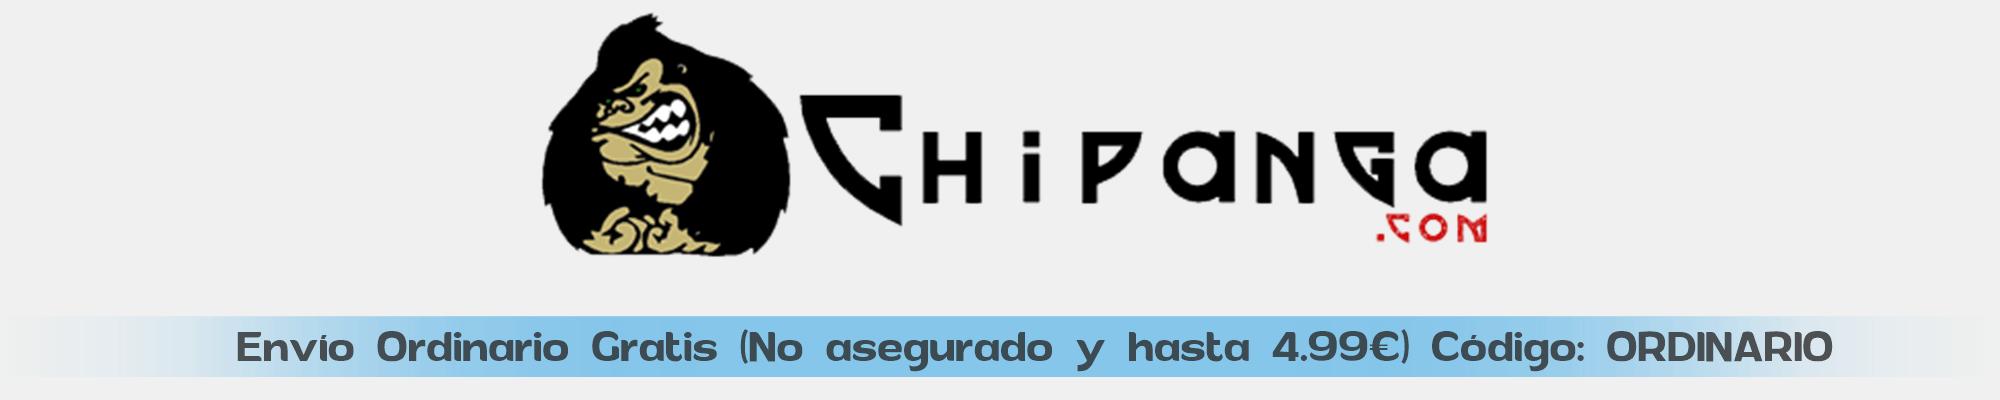 Chipanga Tienda Online: Ropa Pegatinas y Articulos personalizados